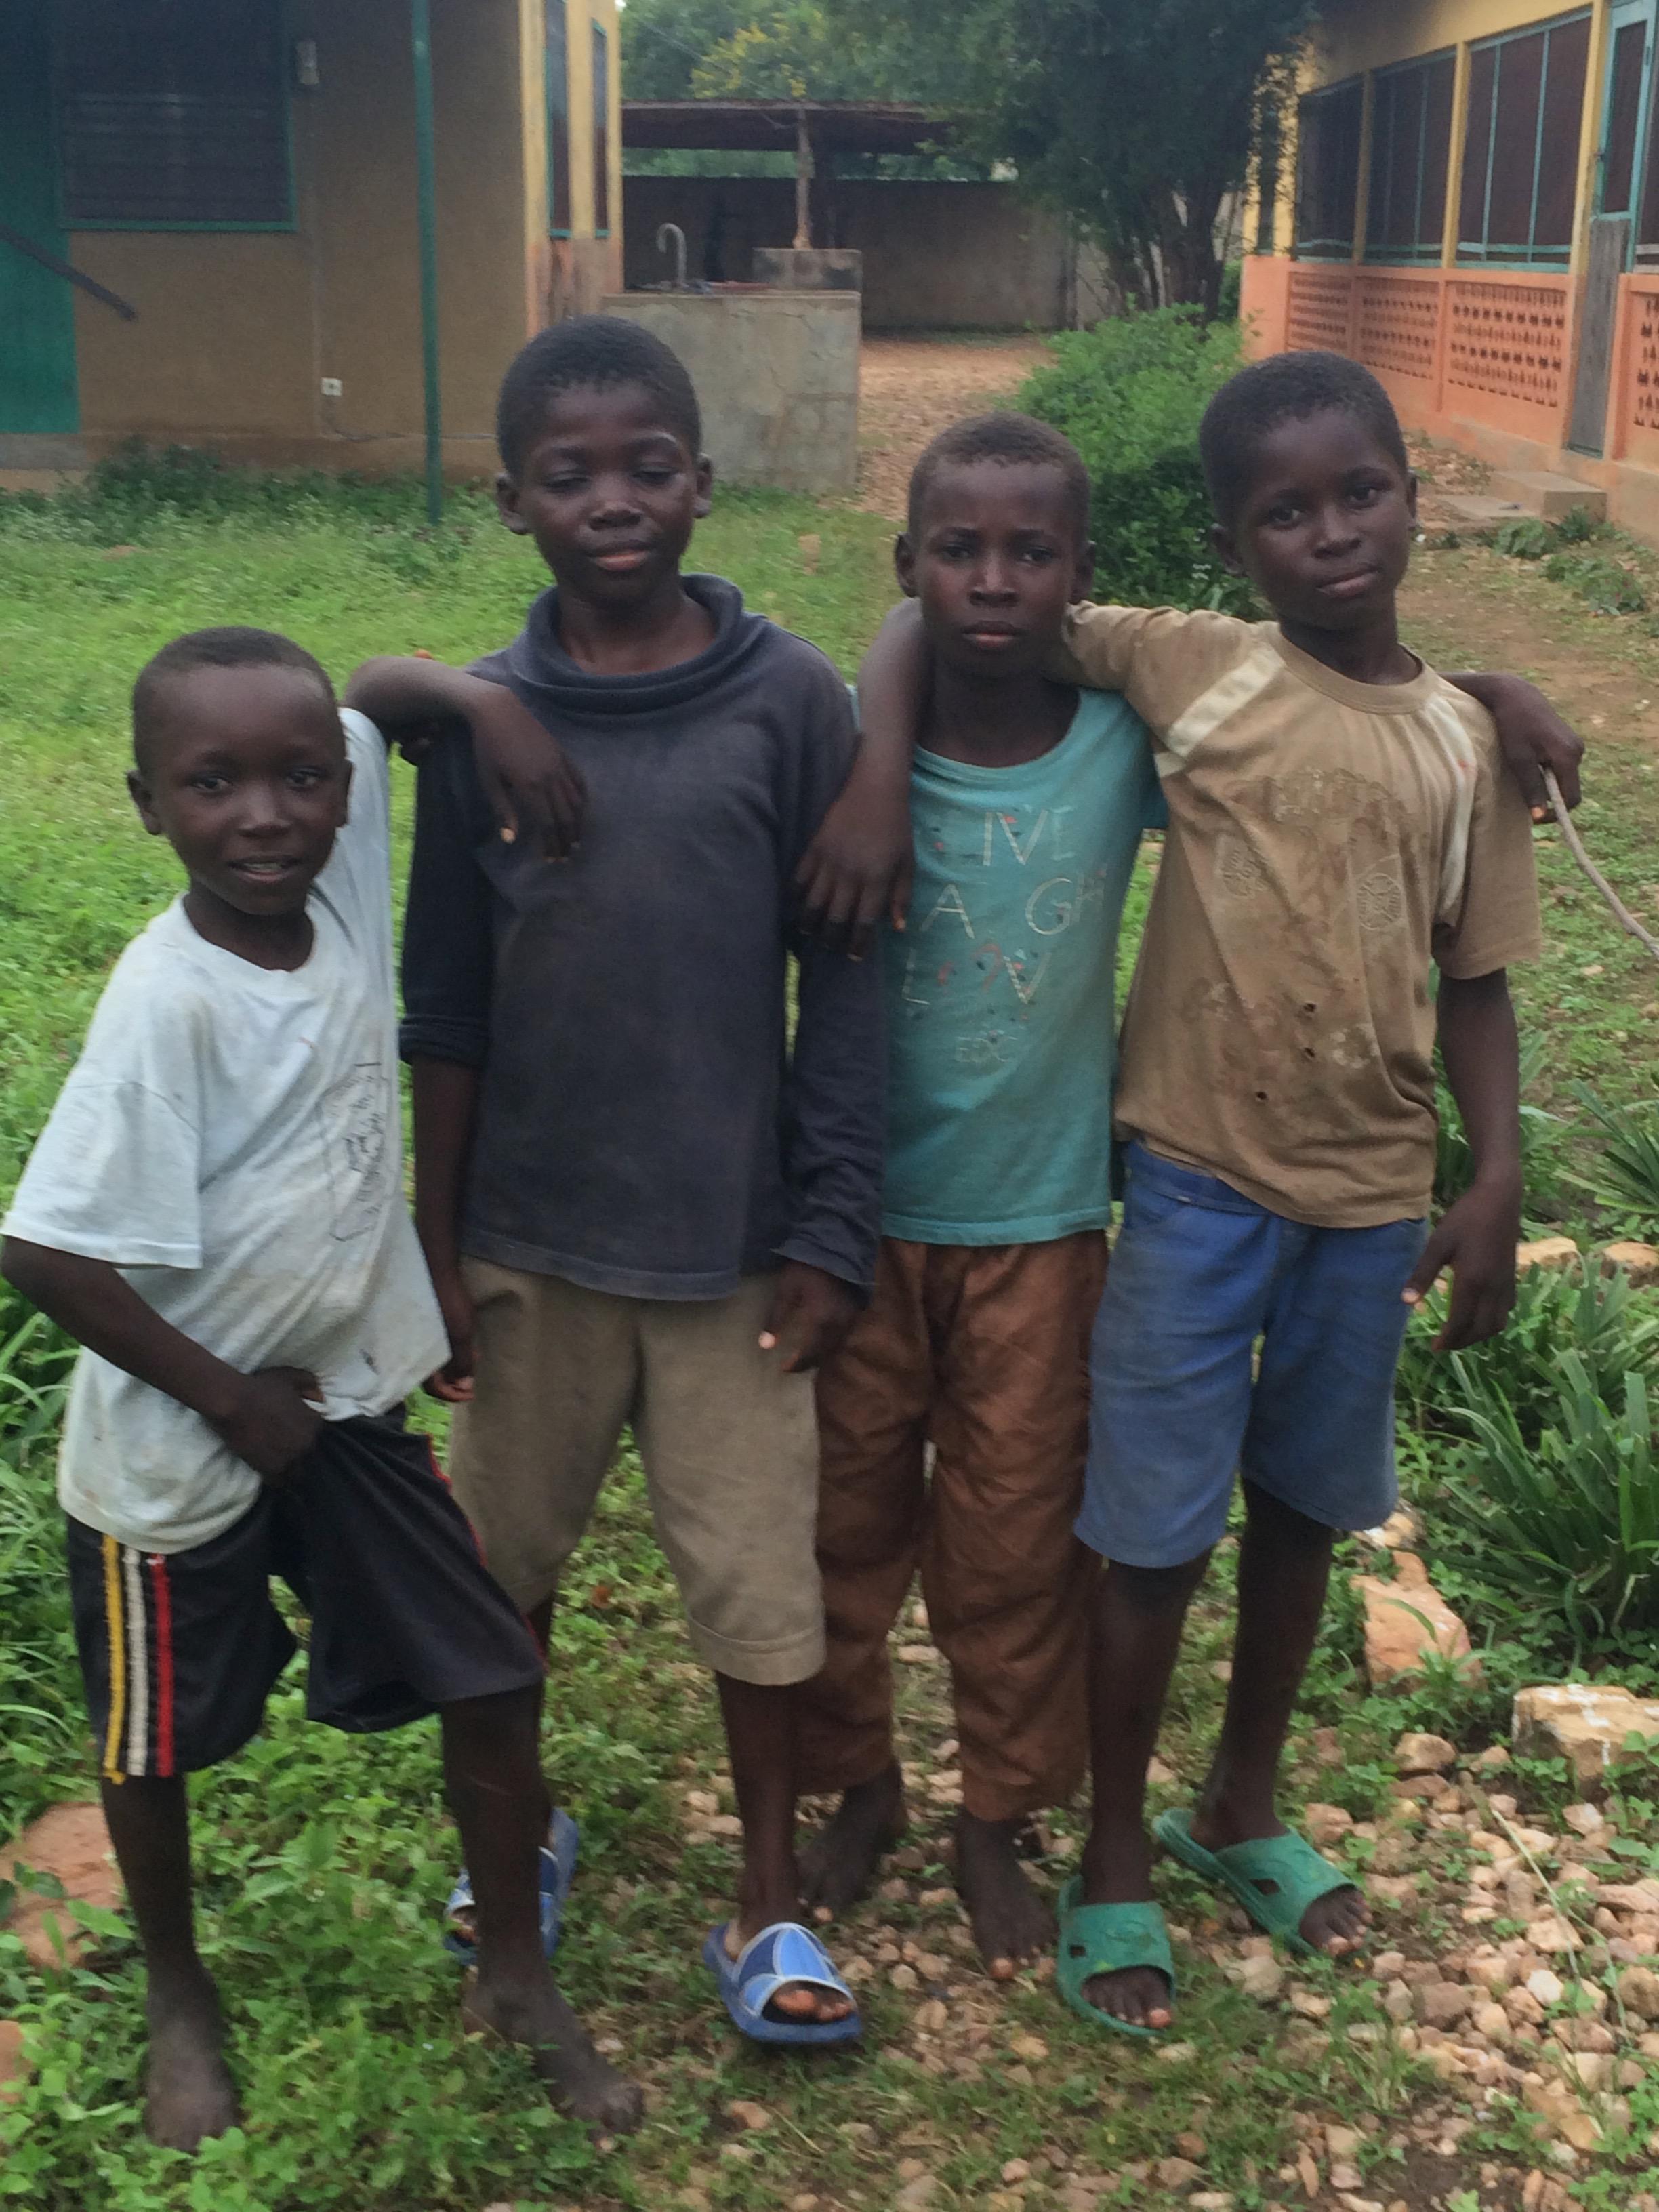 Street children West Africa